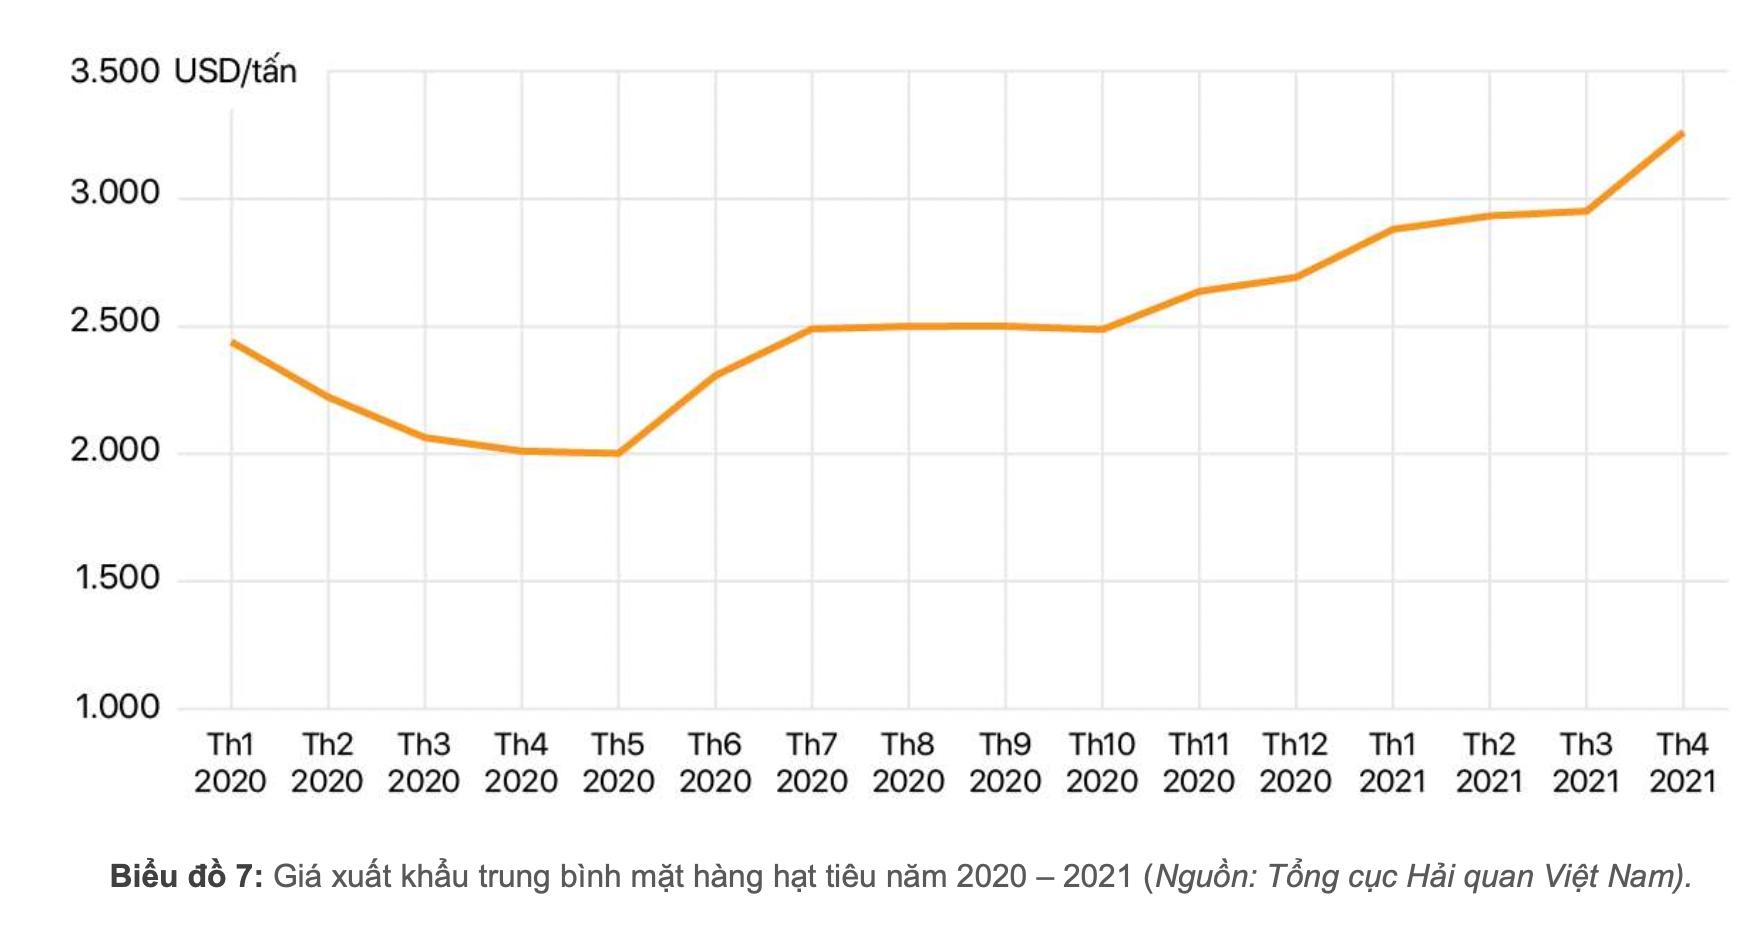 [Báo cáo] Thị trường hồ tiêu tháng 4/2021: Giá tiêu hạ nhiệt sau khi tăng nóng vào quý I - Ảnh 1.